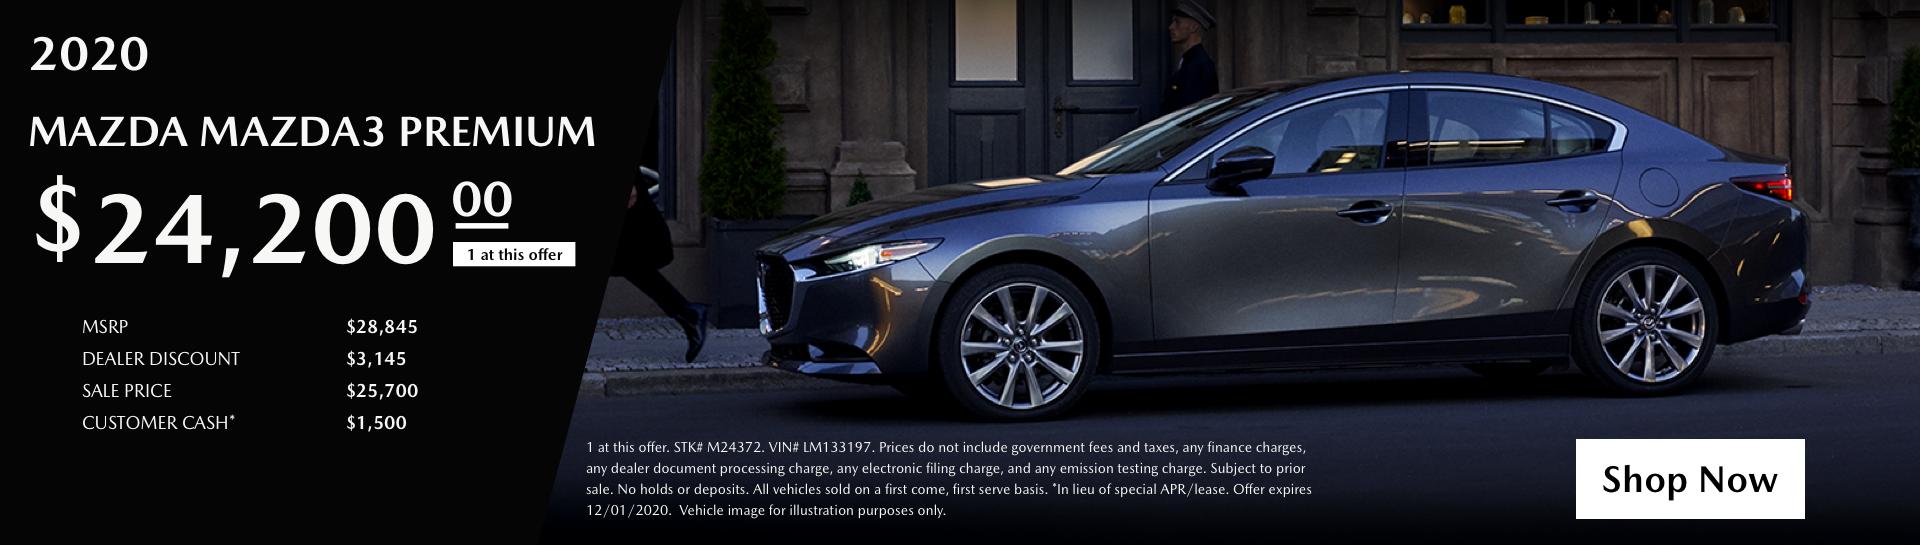 2020 Mazda3 Premium3x